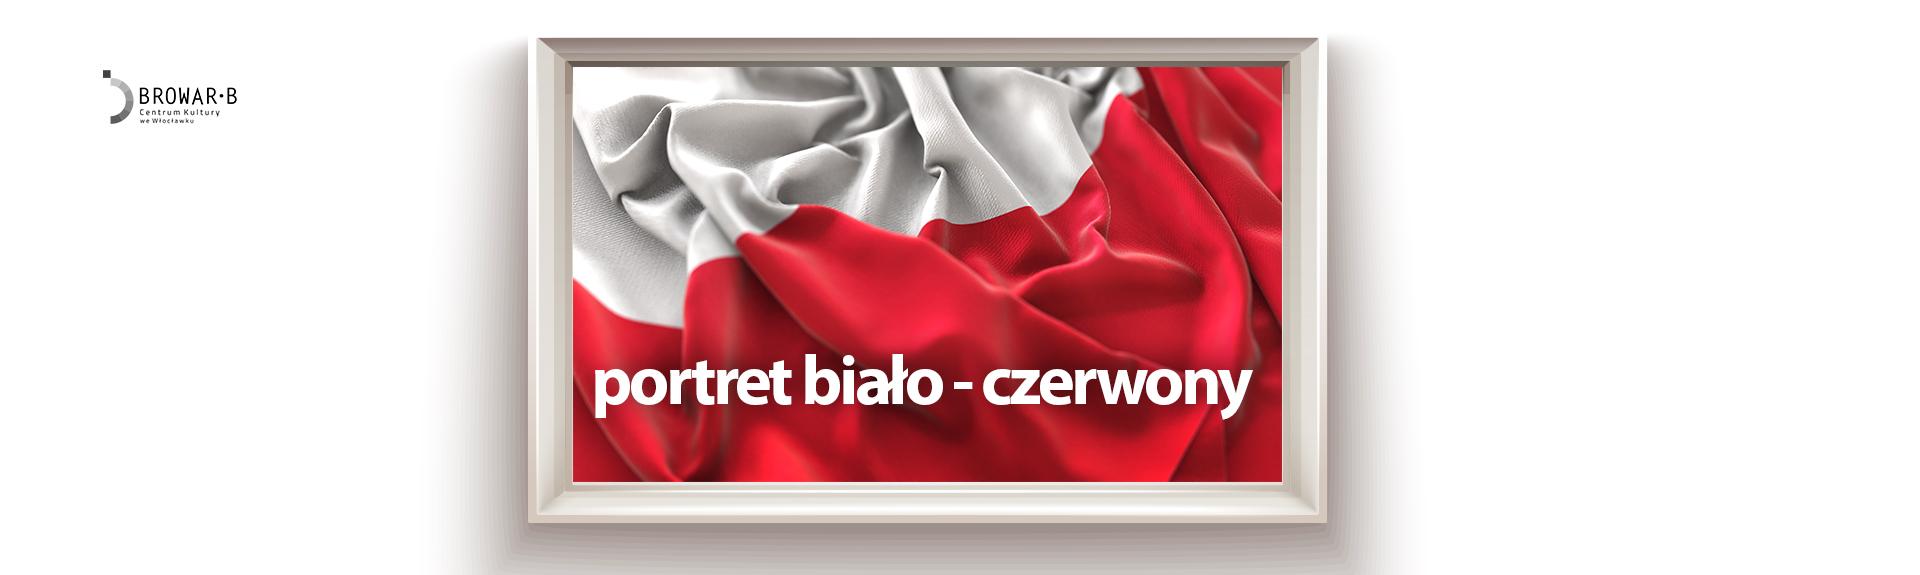 portre bialo-czerwony www